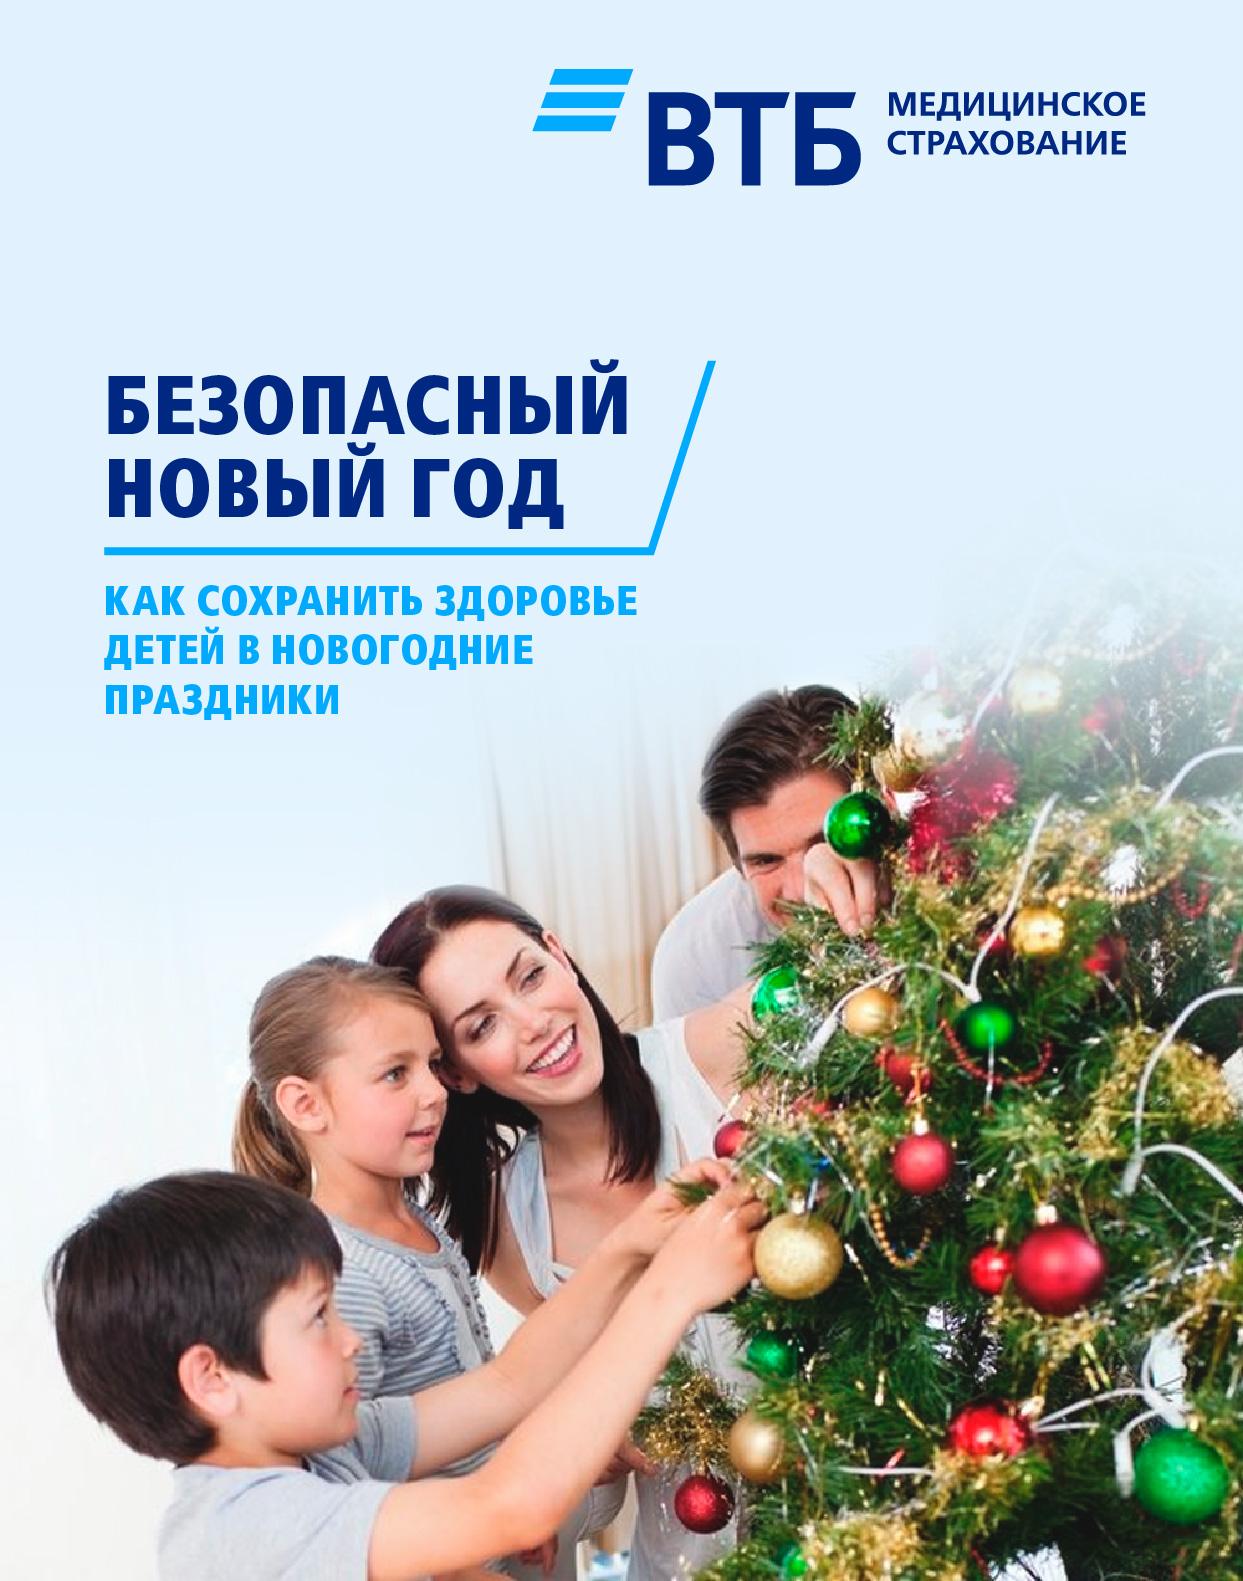 Сохранить здоровье ребенка в новогодние праздники